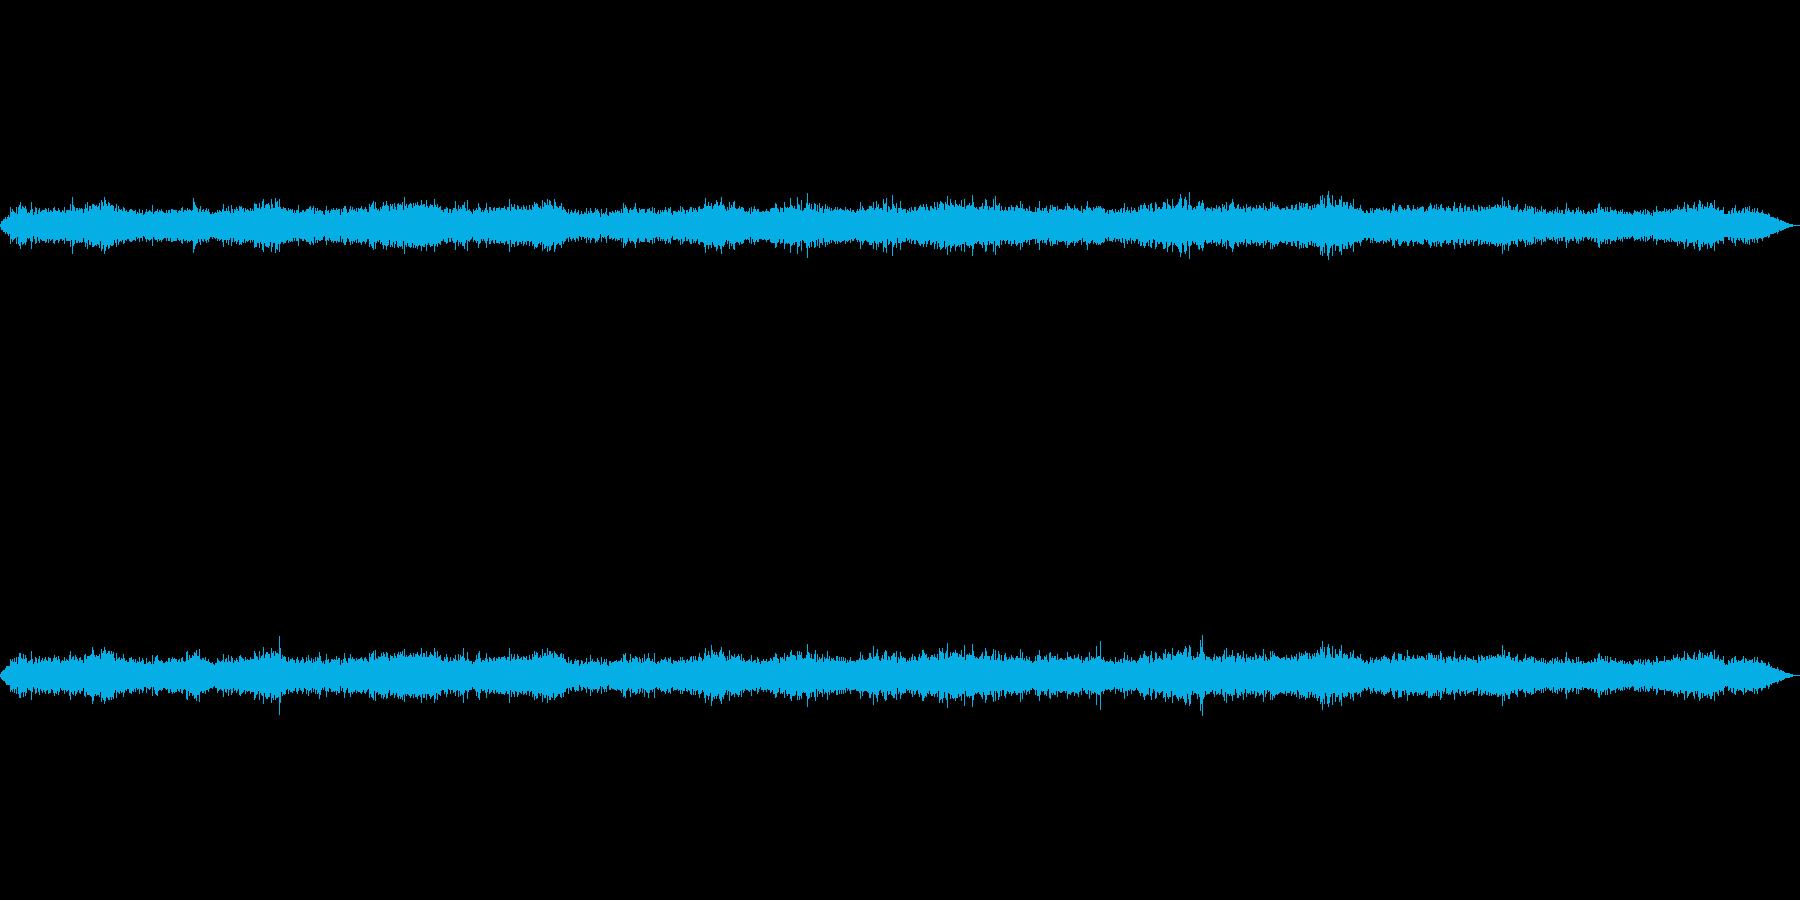 波の音~大荒れの海~海鳴り中心~【生録】の再生済みの波形